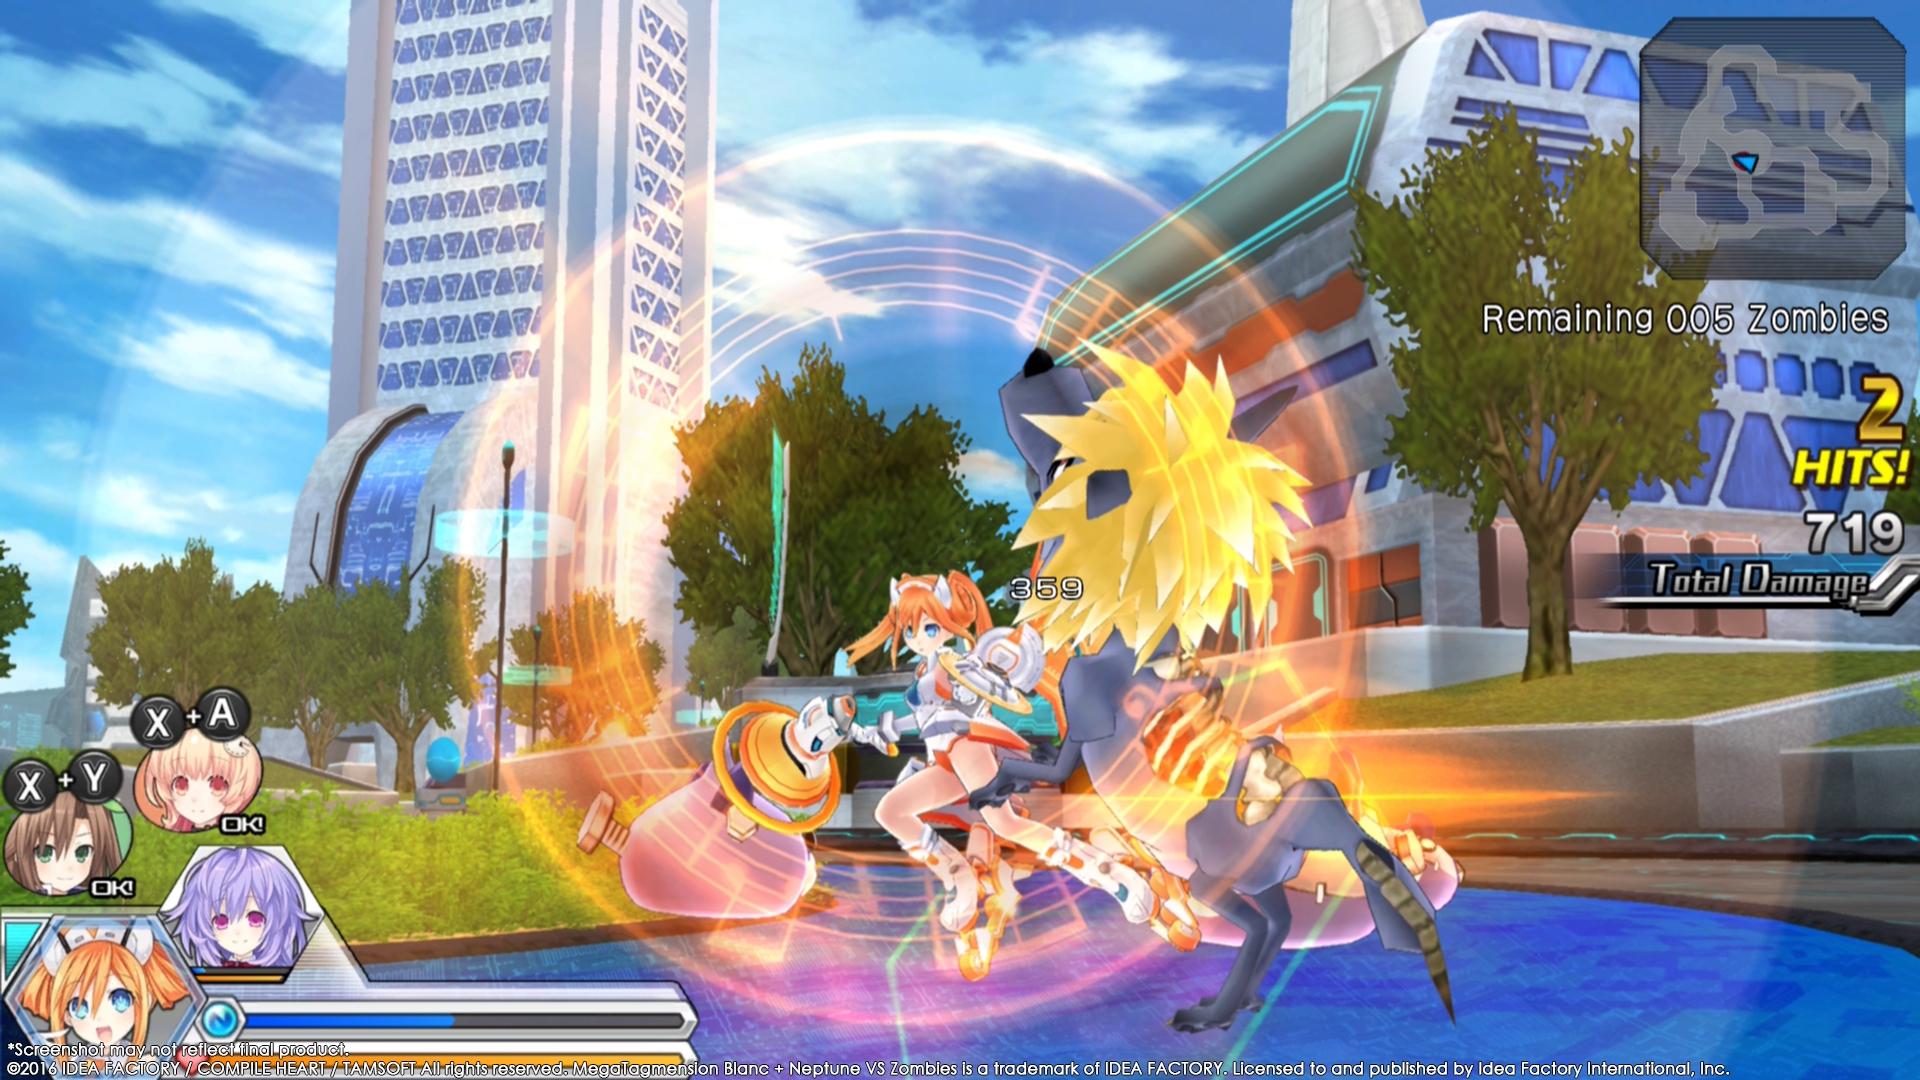 MegaTagmension Blanc + Neptune VS Zombies vychází na PC 131408